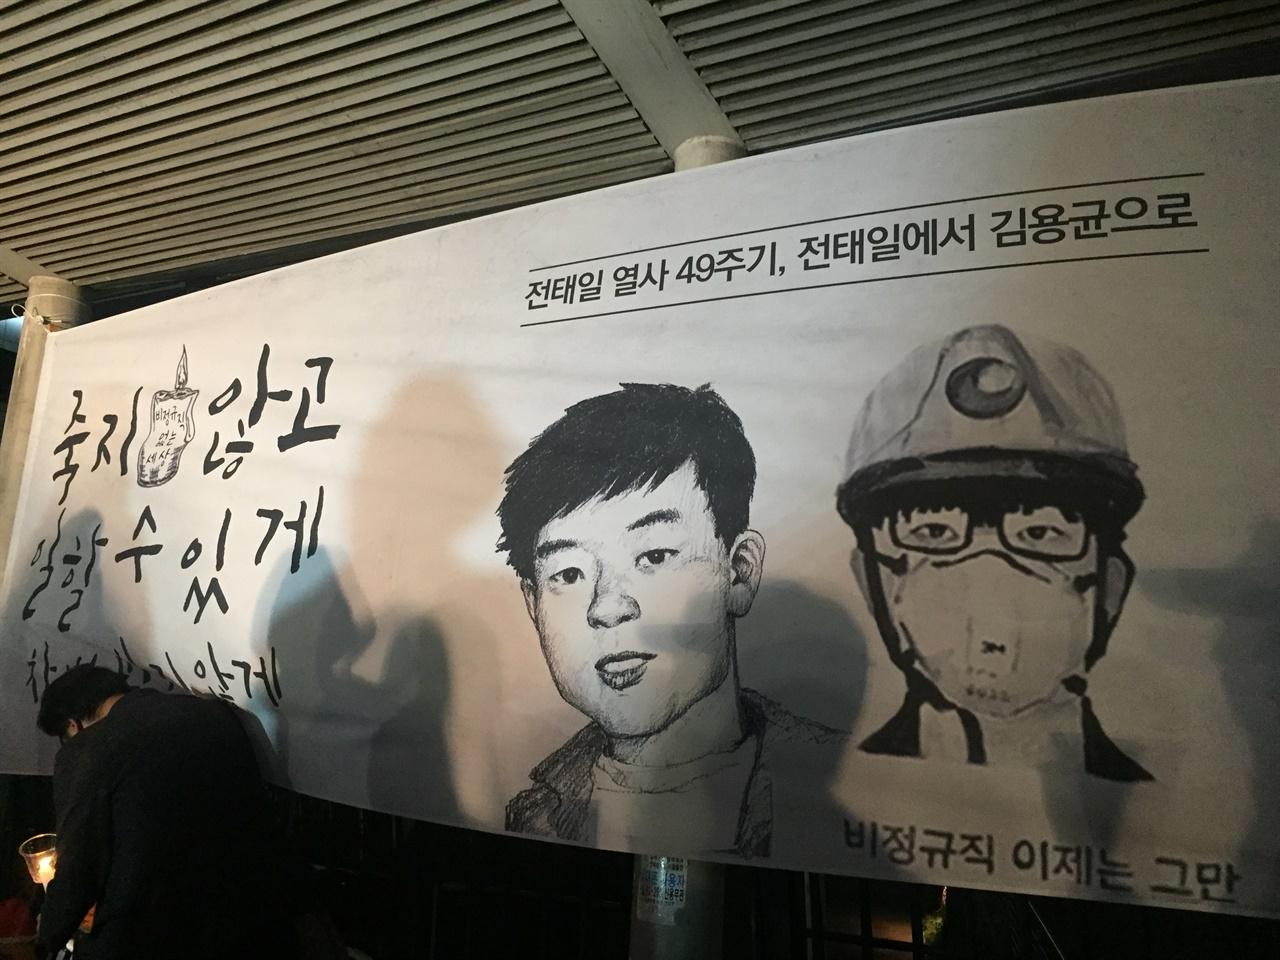 2019년 전태일에서 김용균으로 김용균 1주기 추모주간을 앞두고, 비정규직노동자들의 행진이 있던 날.